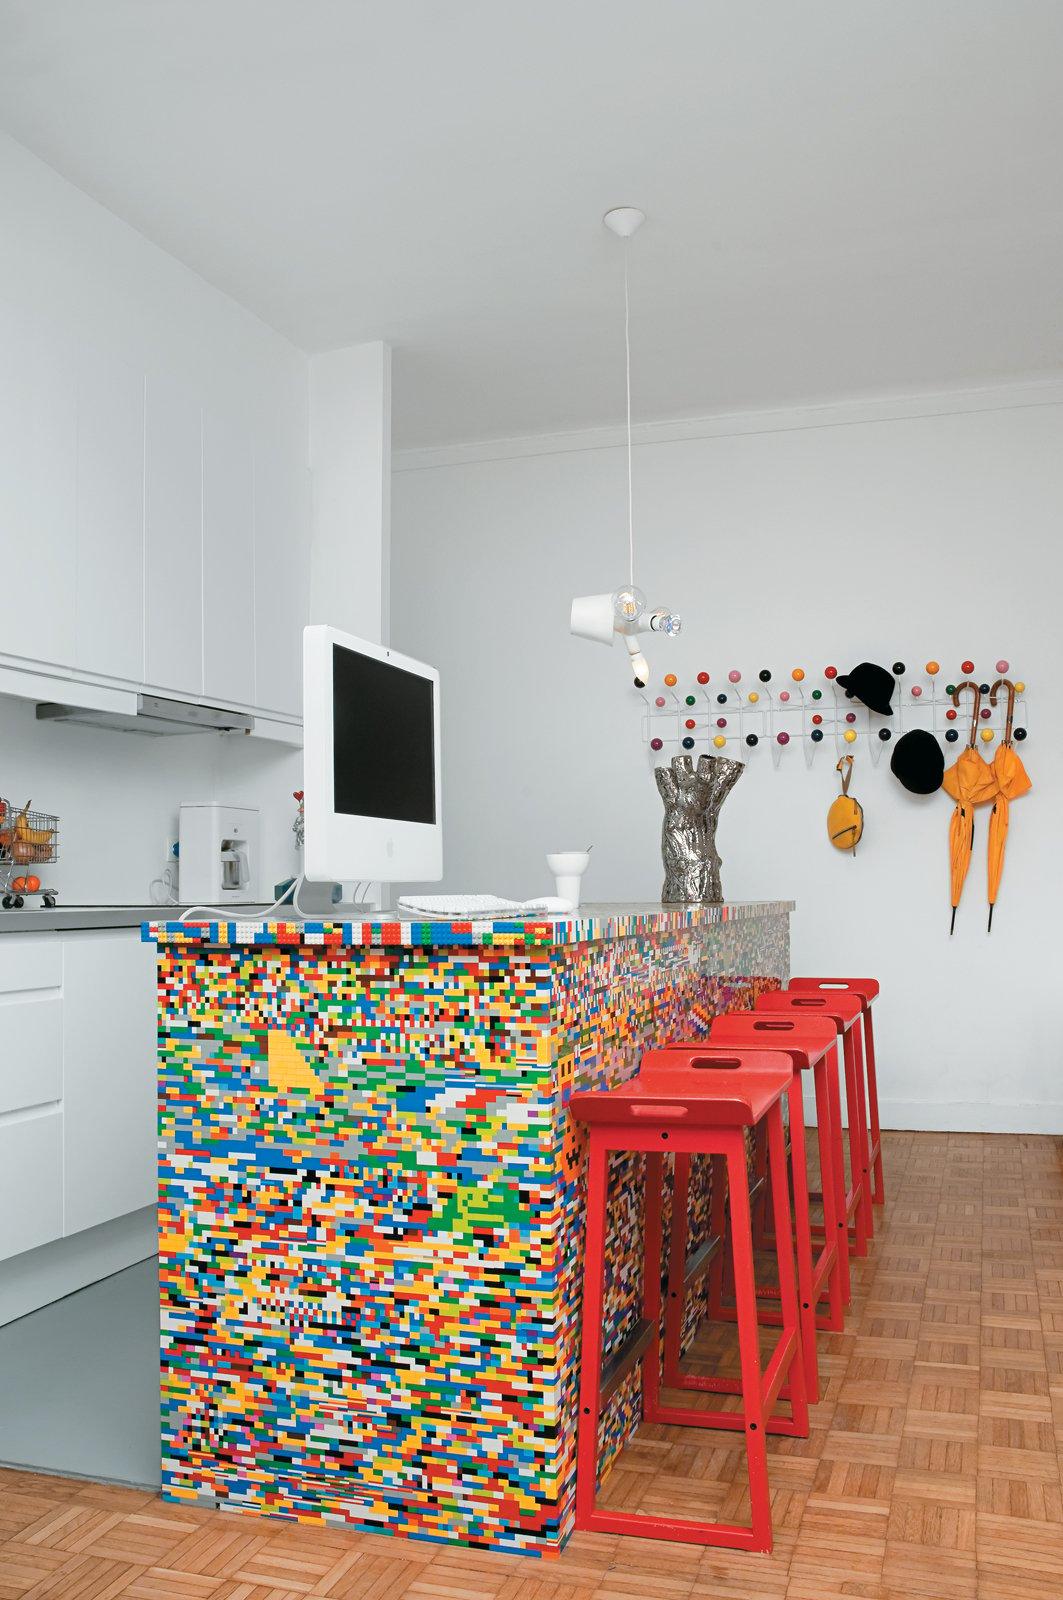 30 cosas tiles que puedes hacer con piezas lego. Black Bedroom Furniture Sets. Home Design Ideas